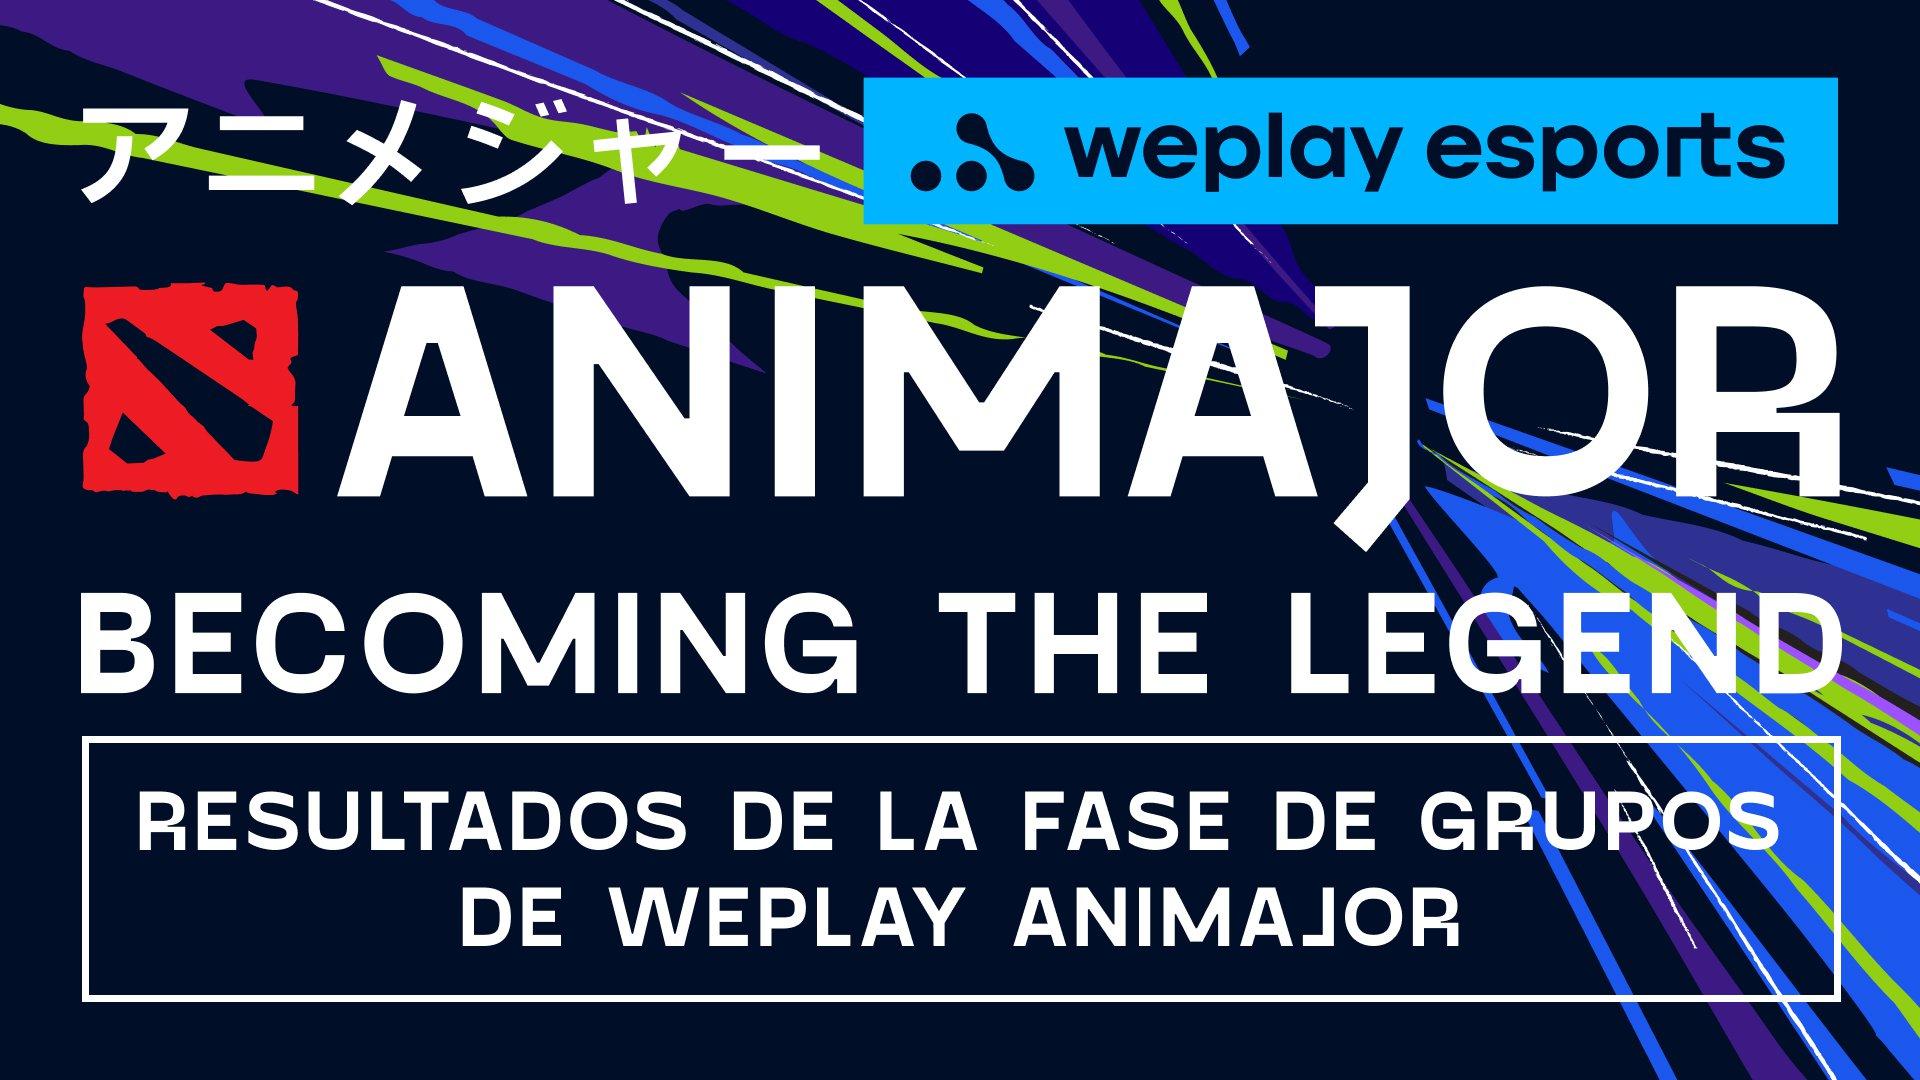 Resultados de la Fase de grupos de WePlay AniMajor. Imagen: WePlay Esports